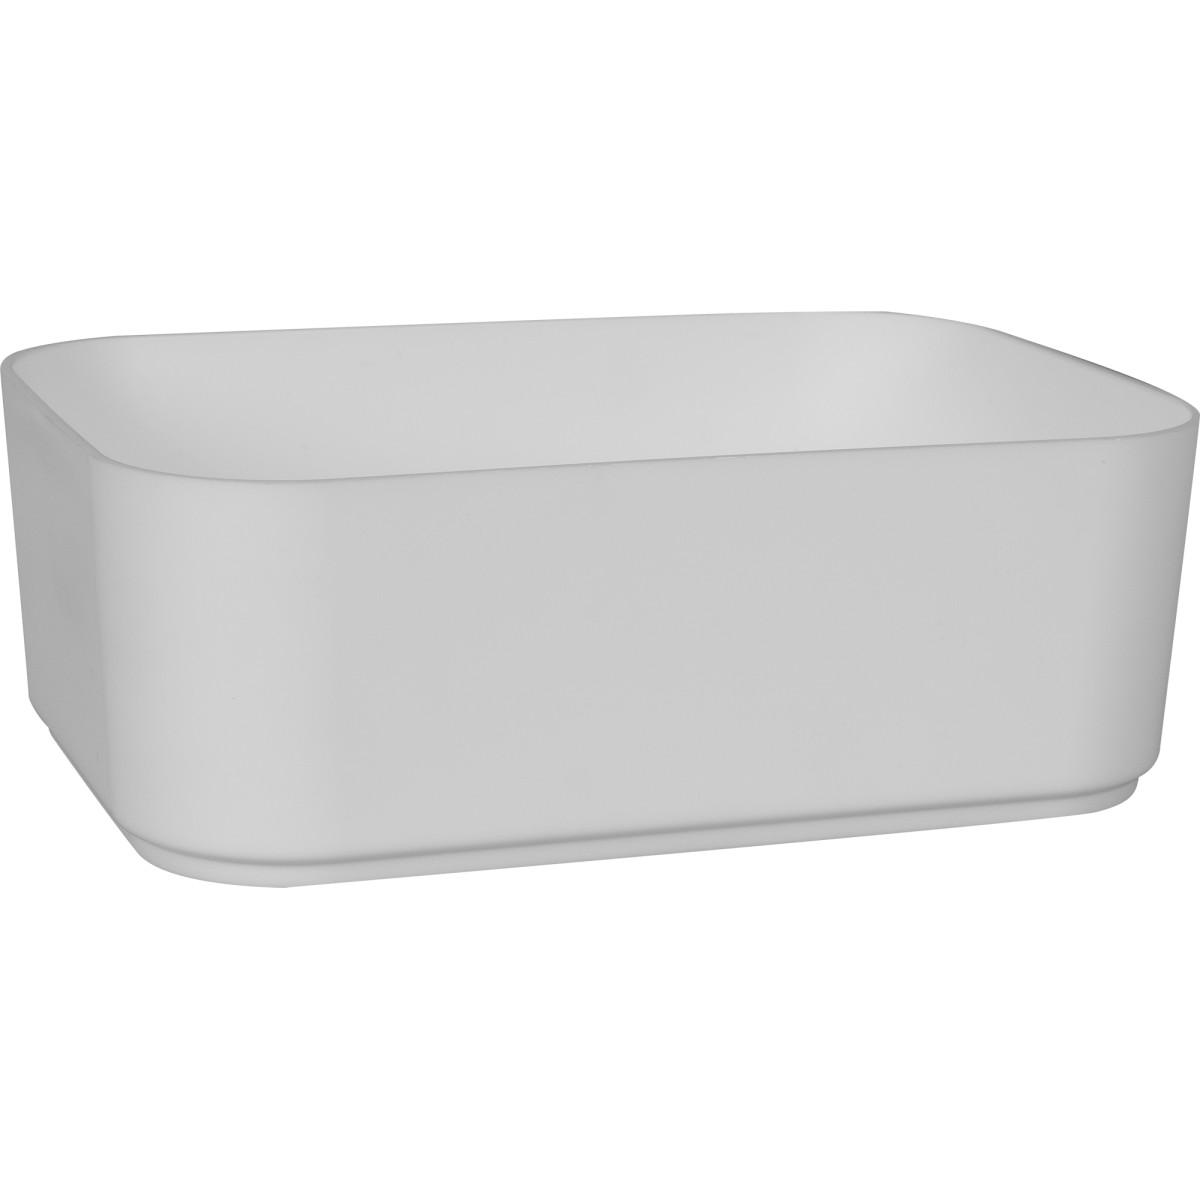 Ёмкость малая Berossi 15x5x11 см пластик цвет белый